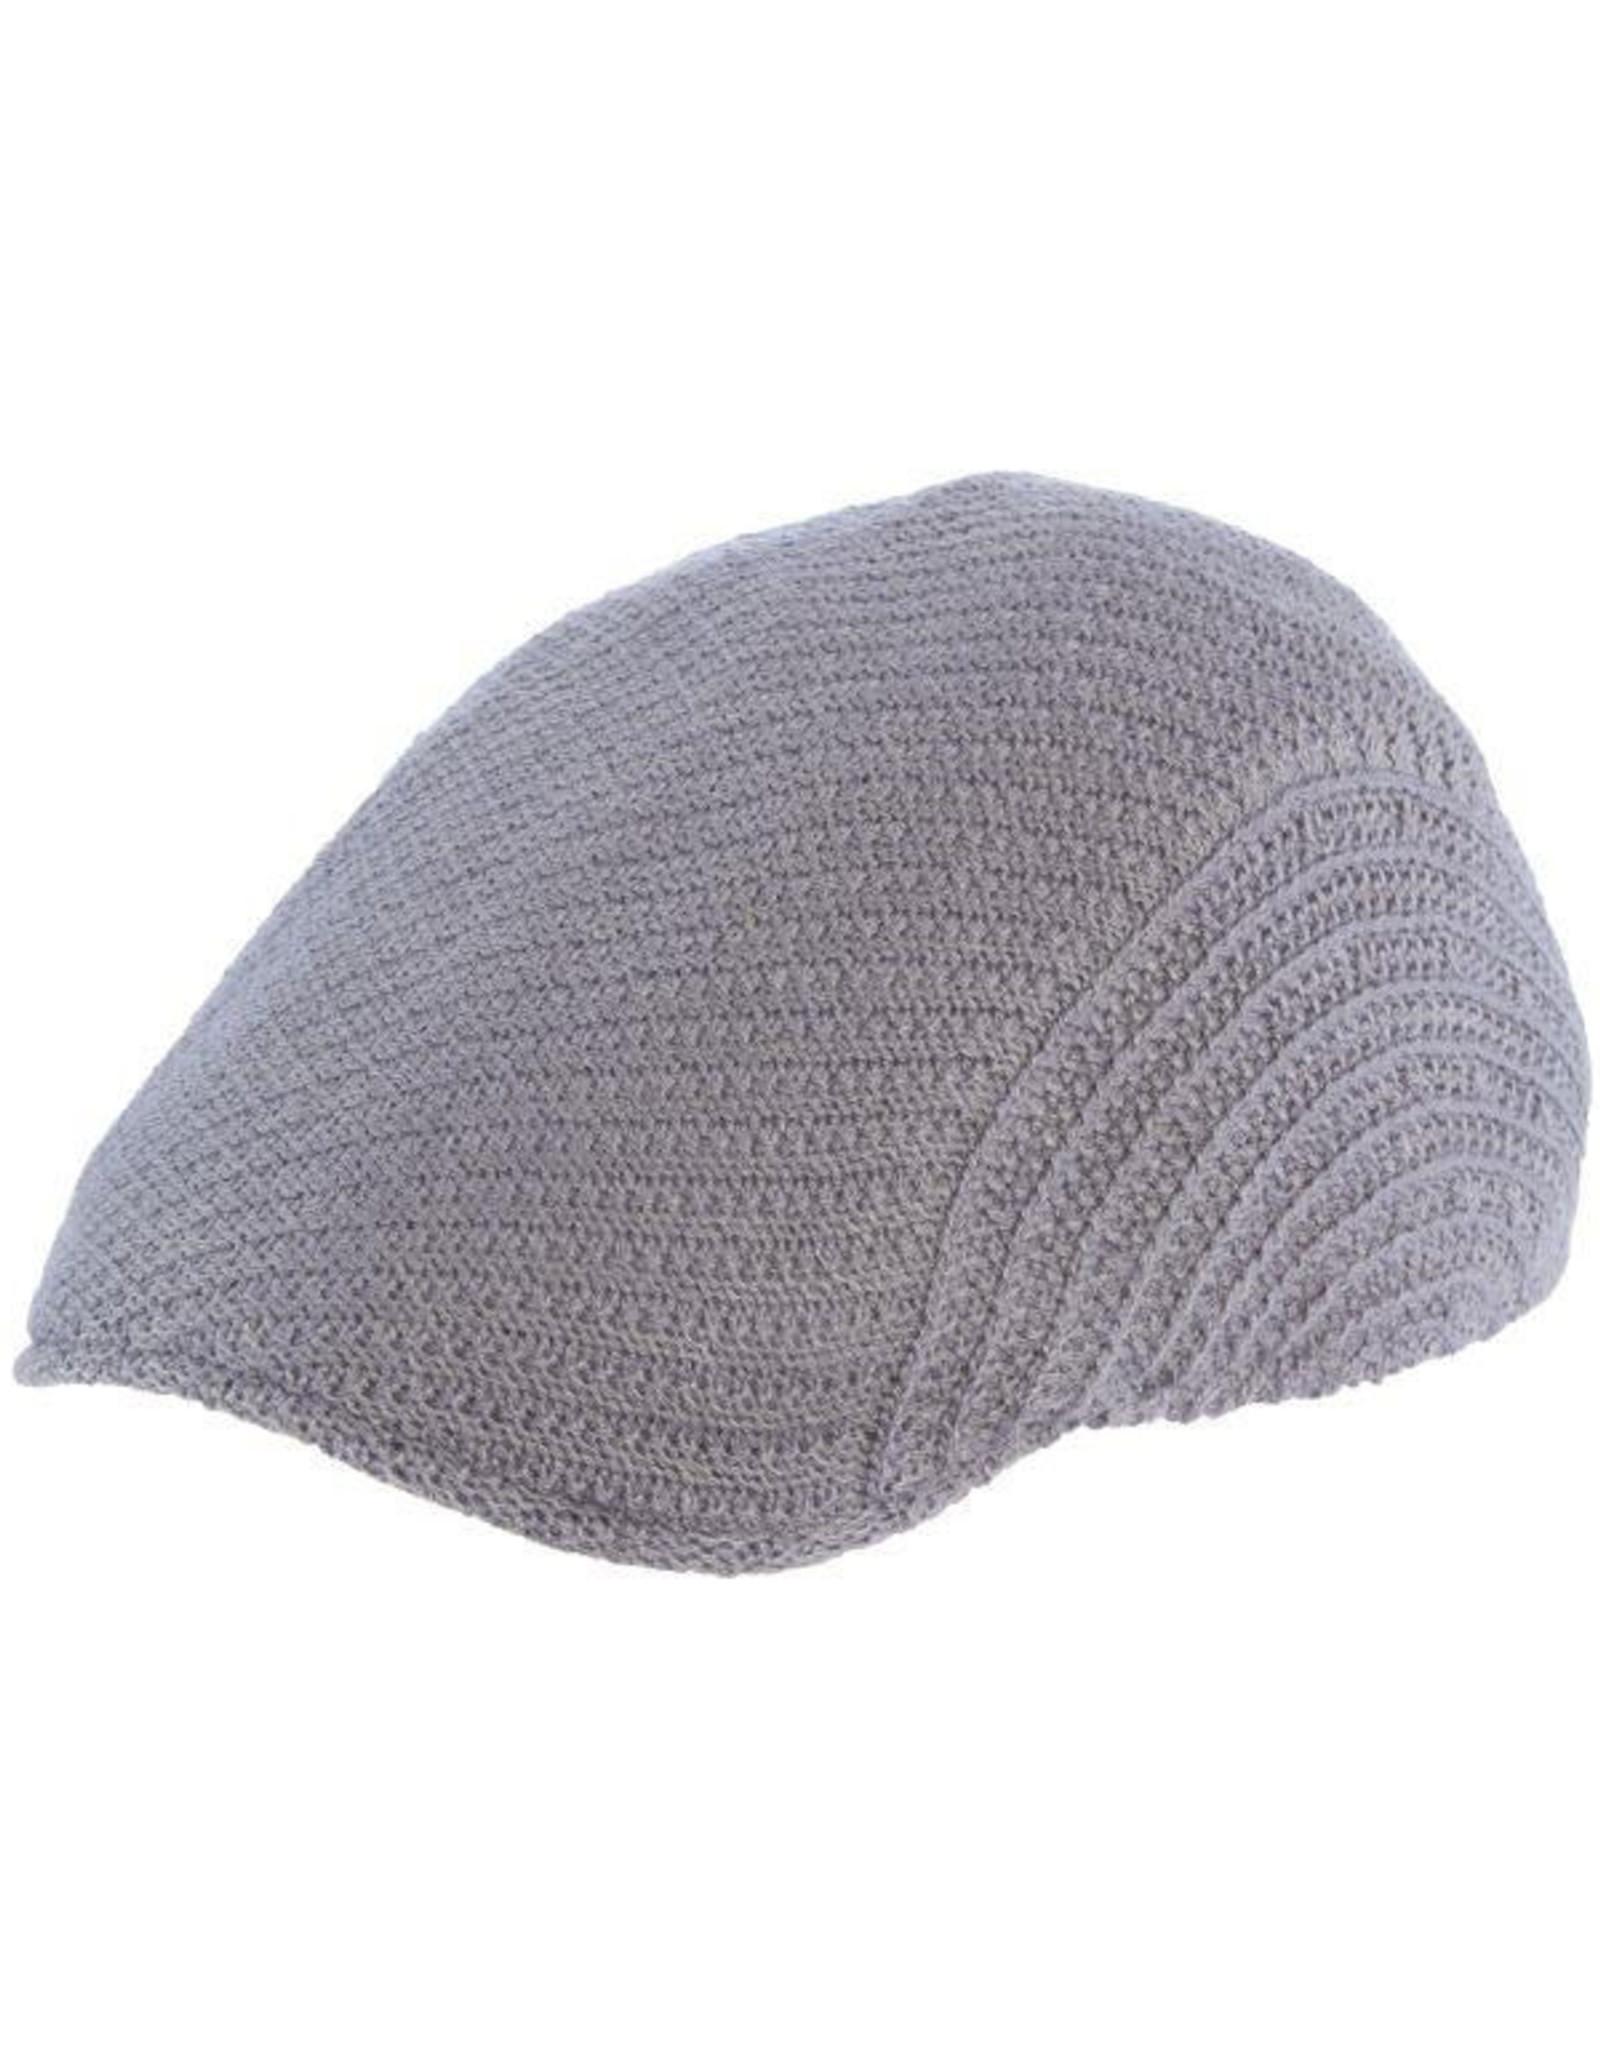 Stacy Adams Hat Stacy Adams JORDAN Knit Wool Gray